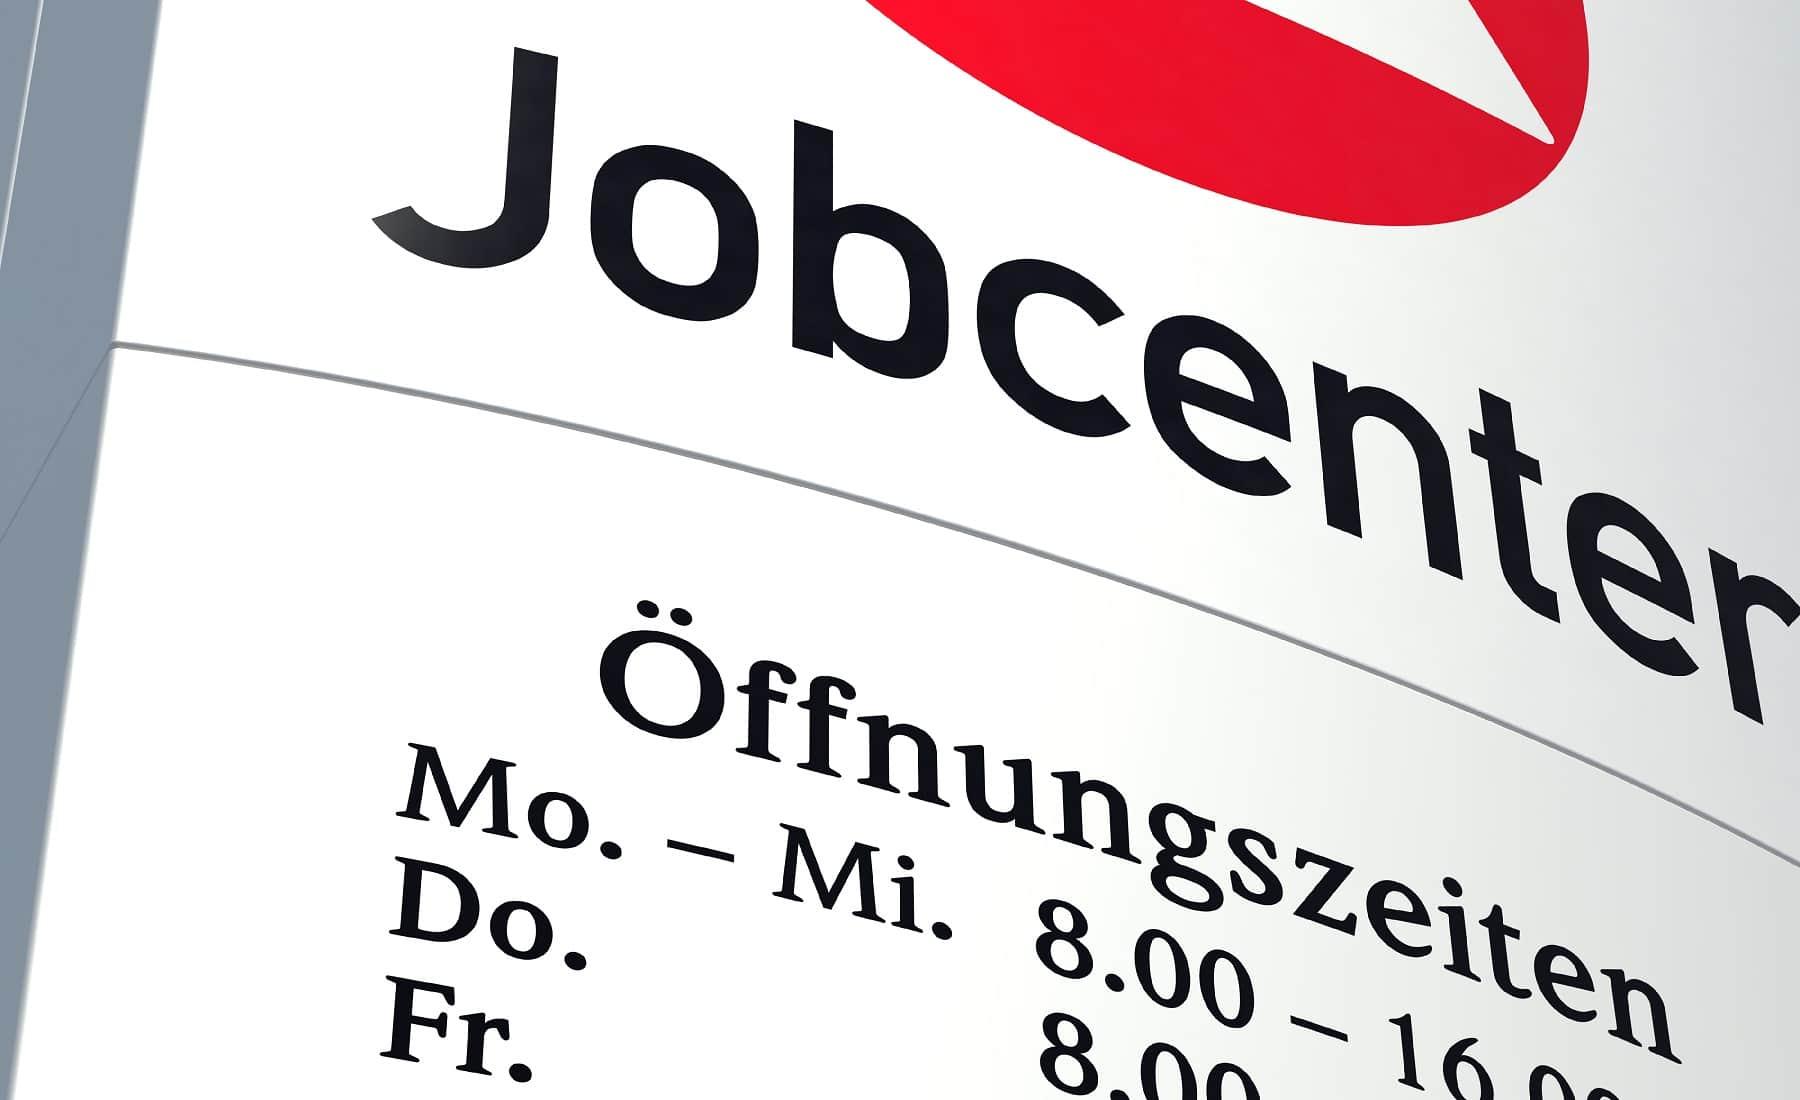 Untätigkeitsklage gegen das Jobcenter